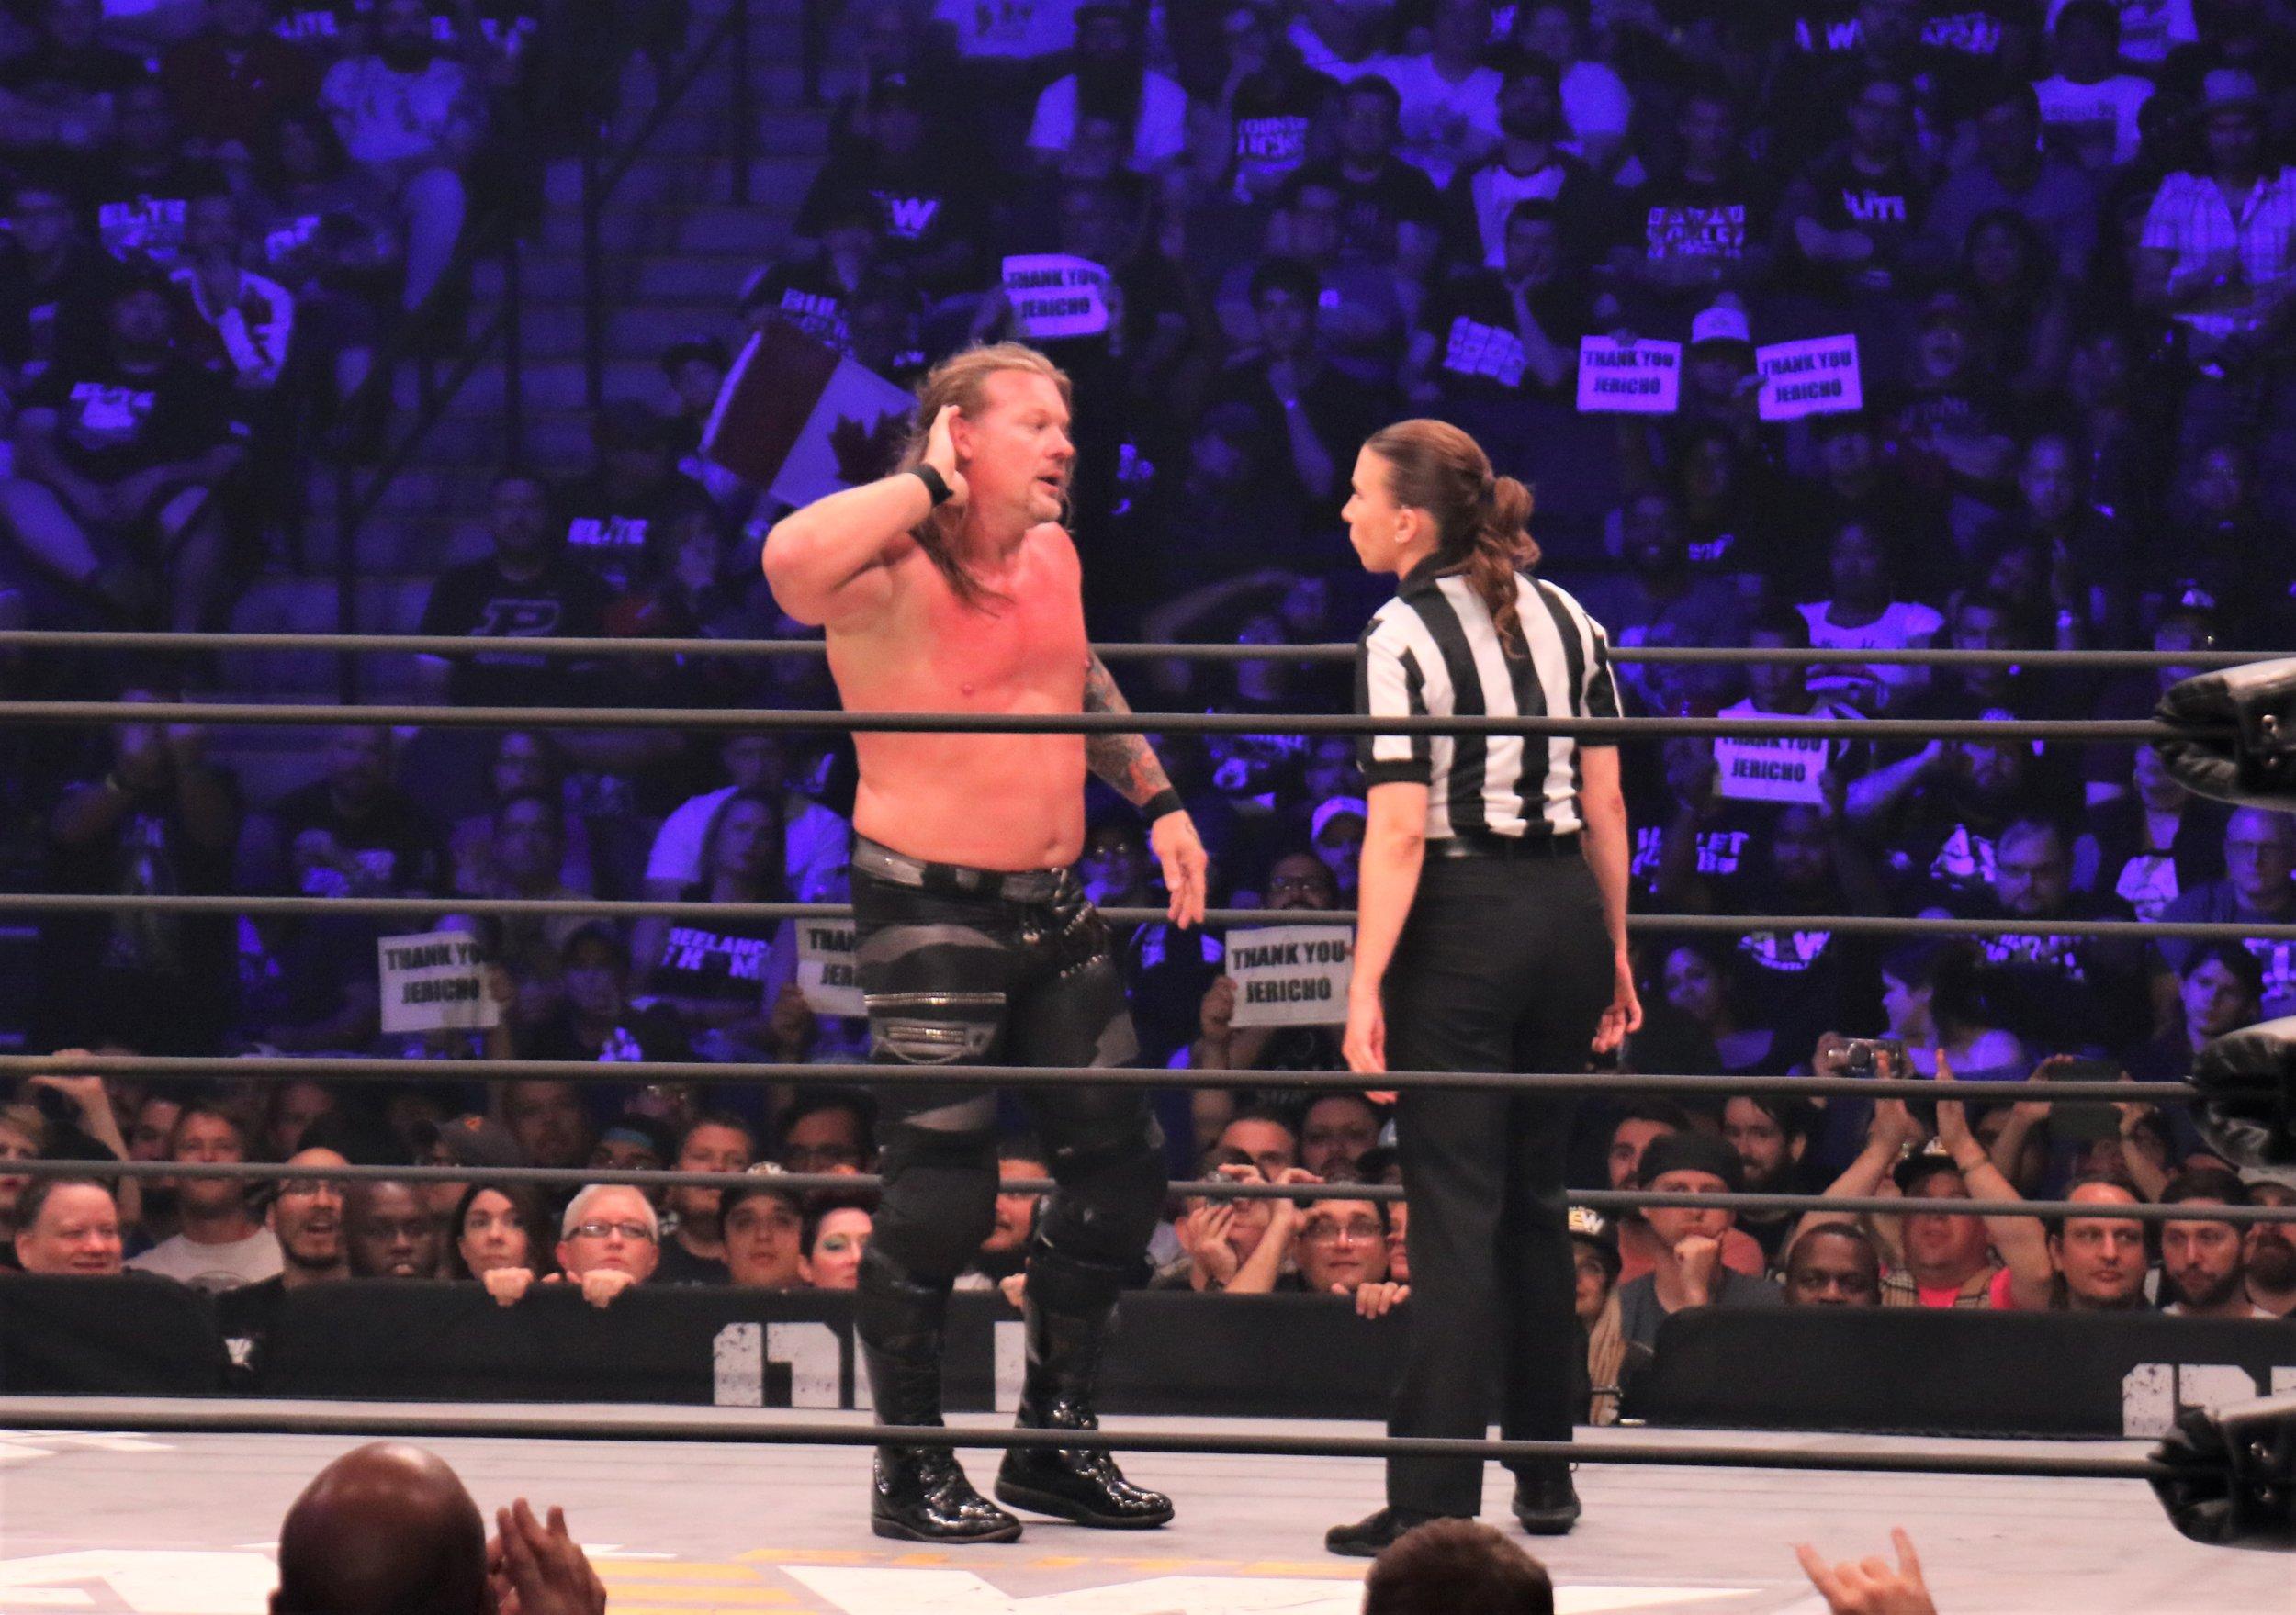 Referee Aubrey Edwards admonishes Chris Jericho.